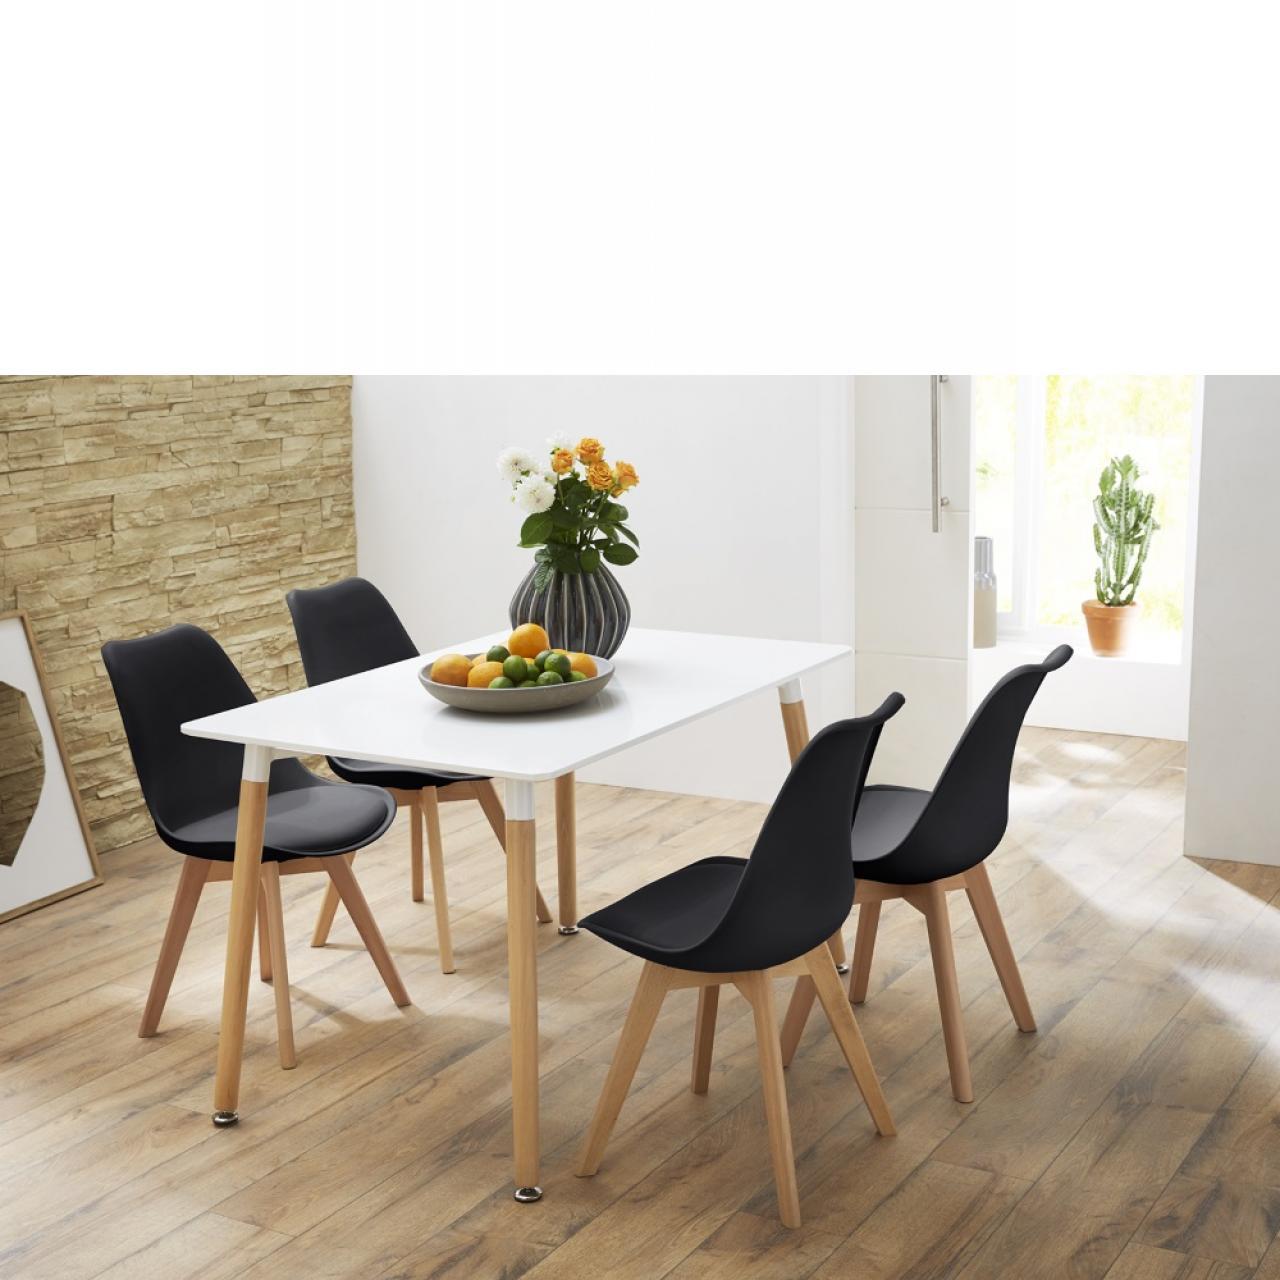 Beeindruckend Tisch Esszimmer Galerie Von Grönland In Buche Weiß 80x120